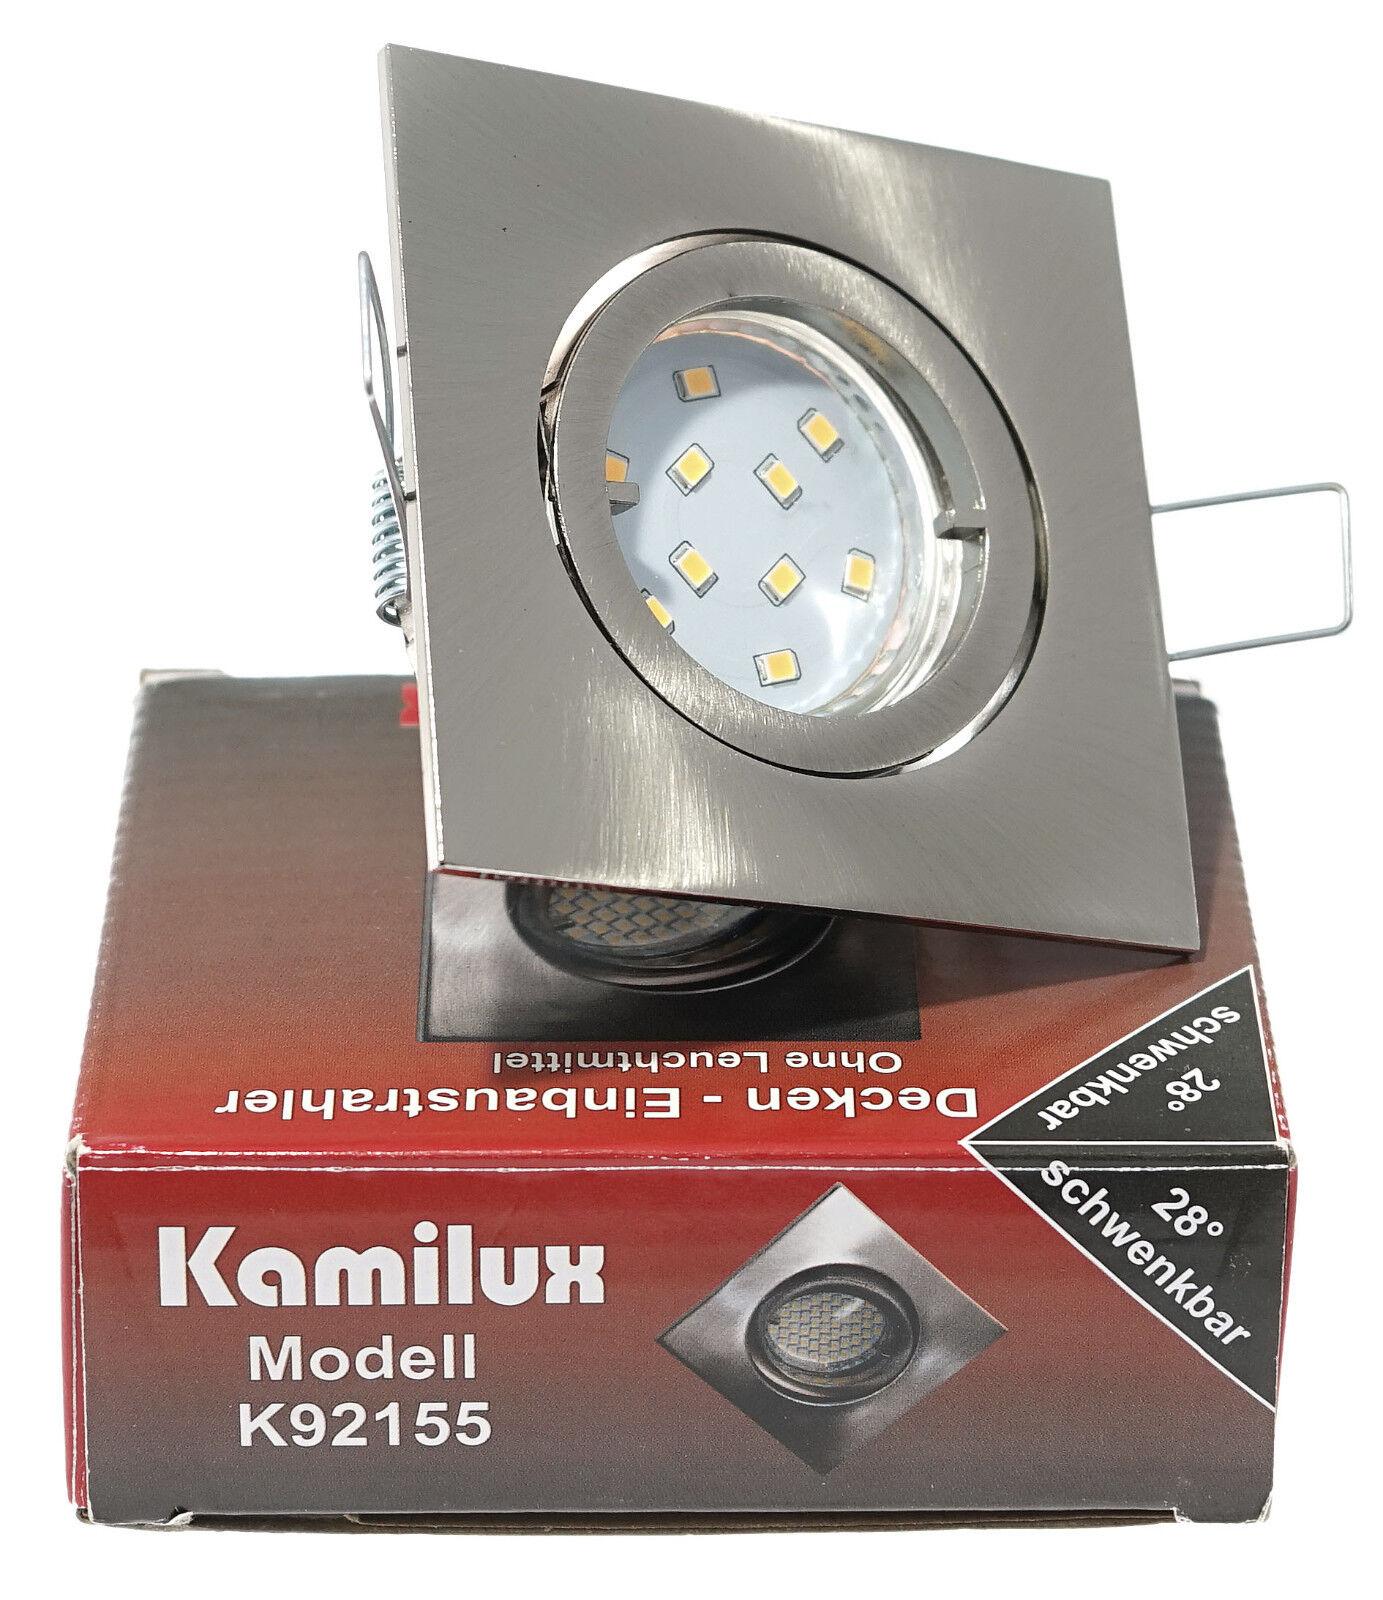 Spotlampe Louis Edelstahl geb. GU10 10er SMD Power LED 3W  25W 230V   | Hohe Sicherheit  | Hohe Qualität und günstig  | Mangelware